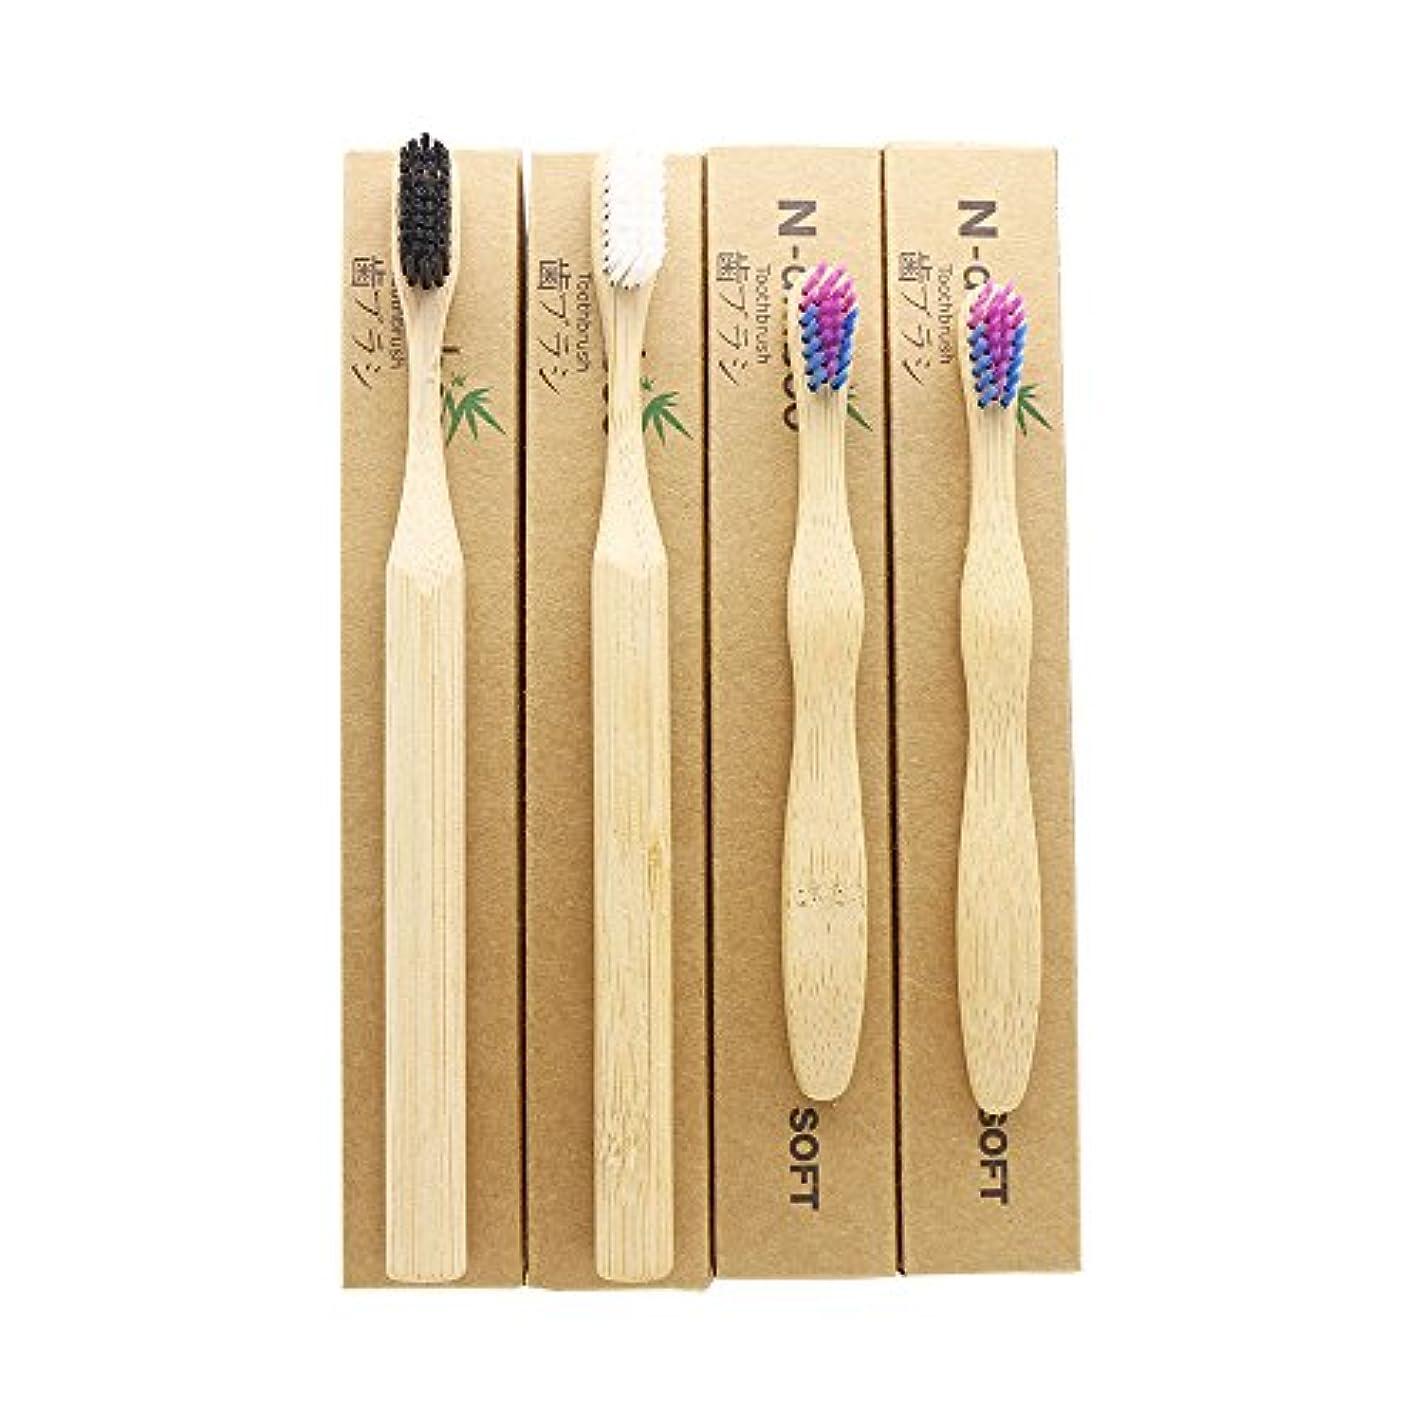 カプセルクリーナーマイクN-amboo 竹製耐久度高い 歯ブラシ 親子セット エコ 4本入り 家族用 丸いハンドル